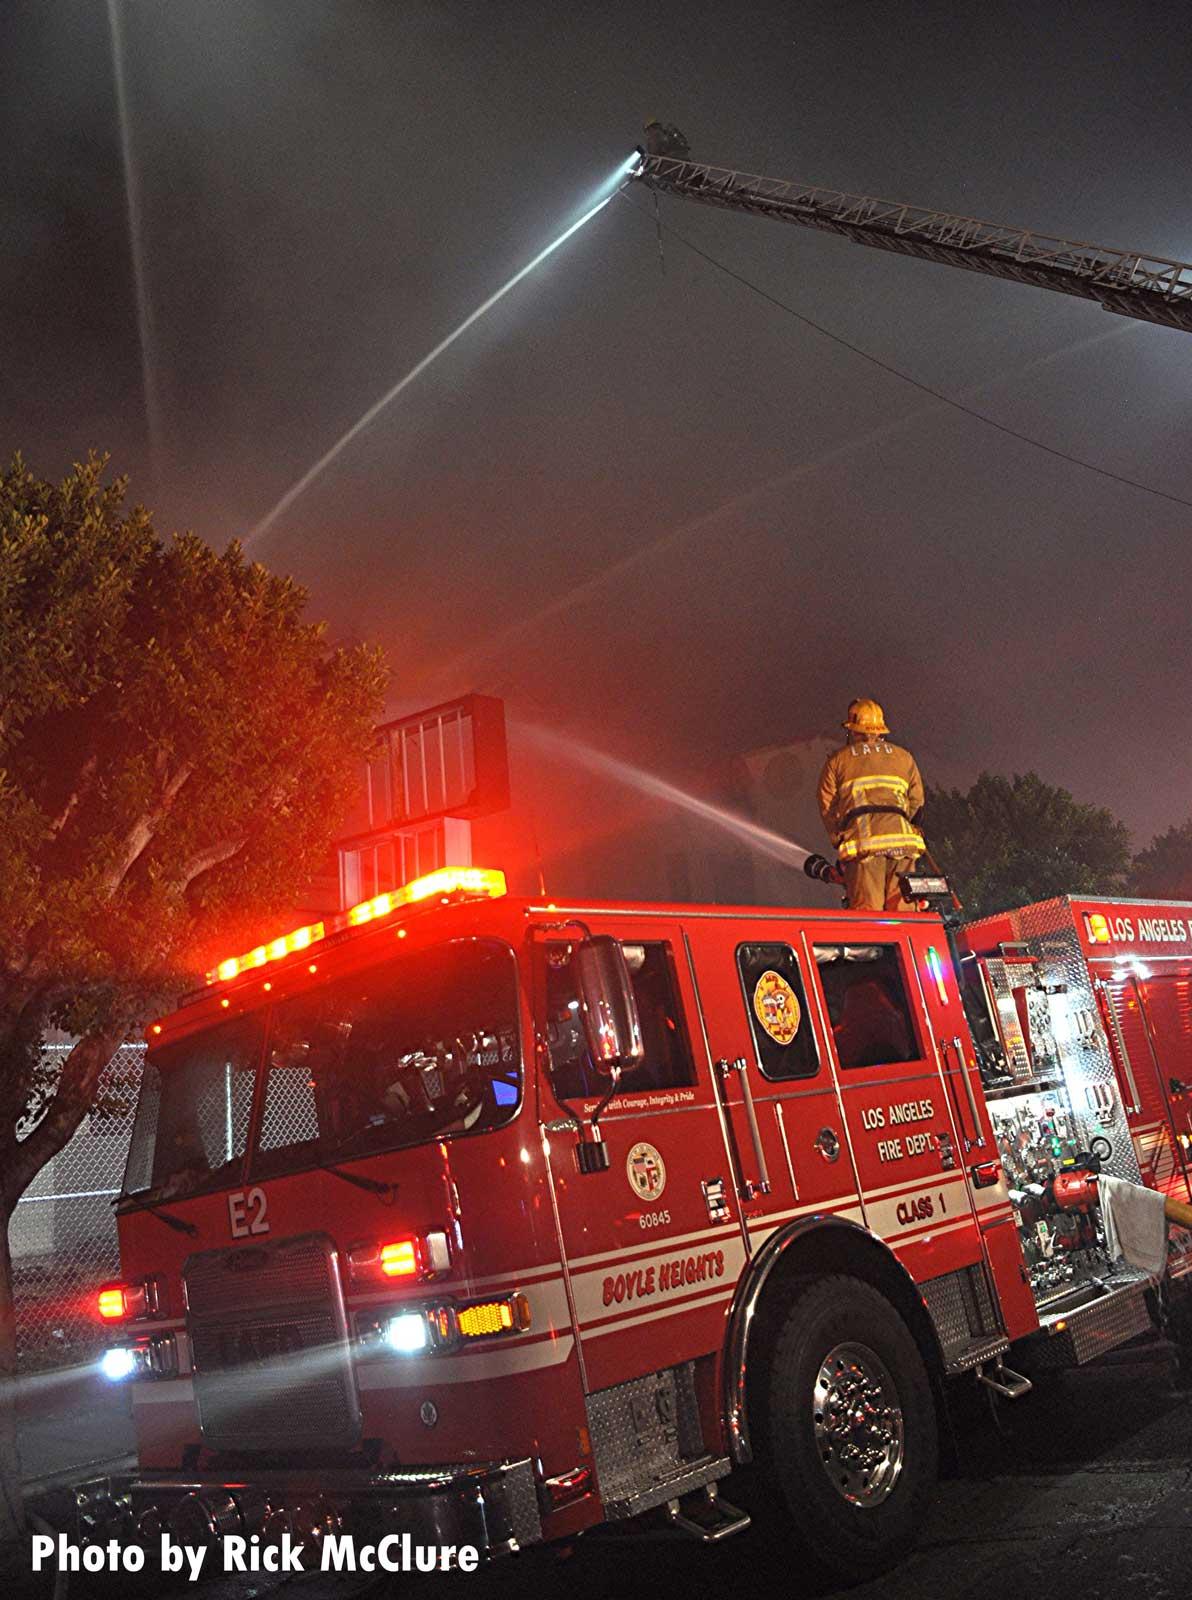 LAFD fire apparatus at the scene